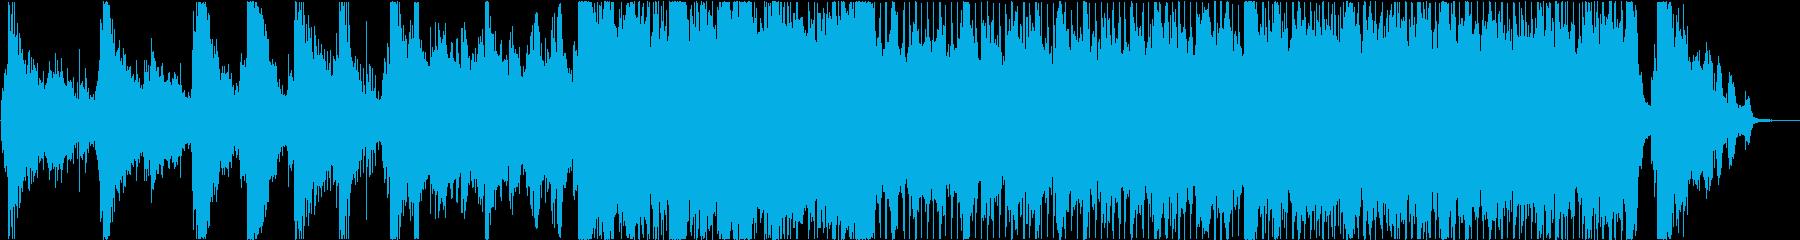 シネマティック、ドラマチック、ロックの再生済みの波形